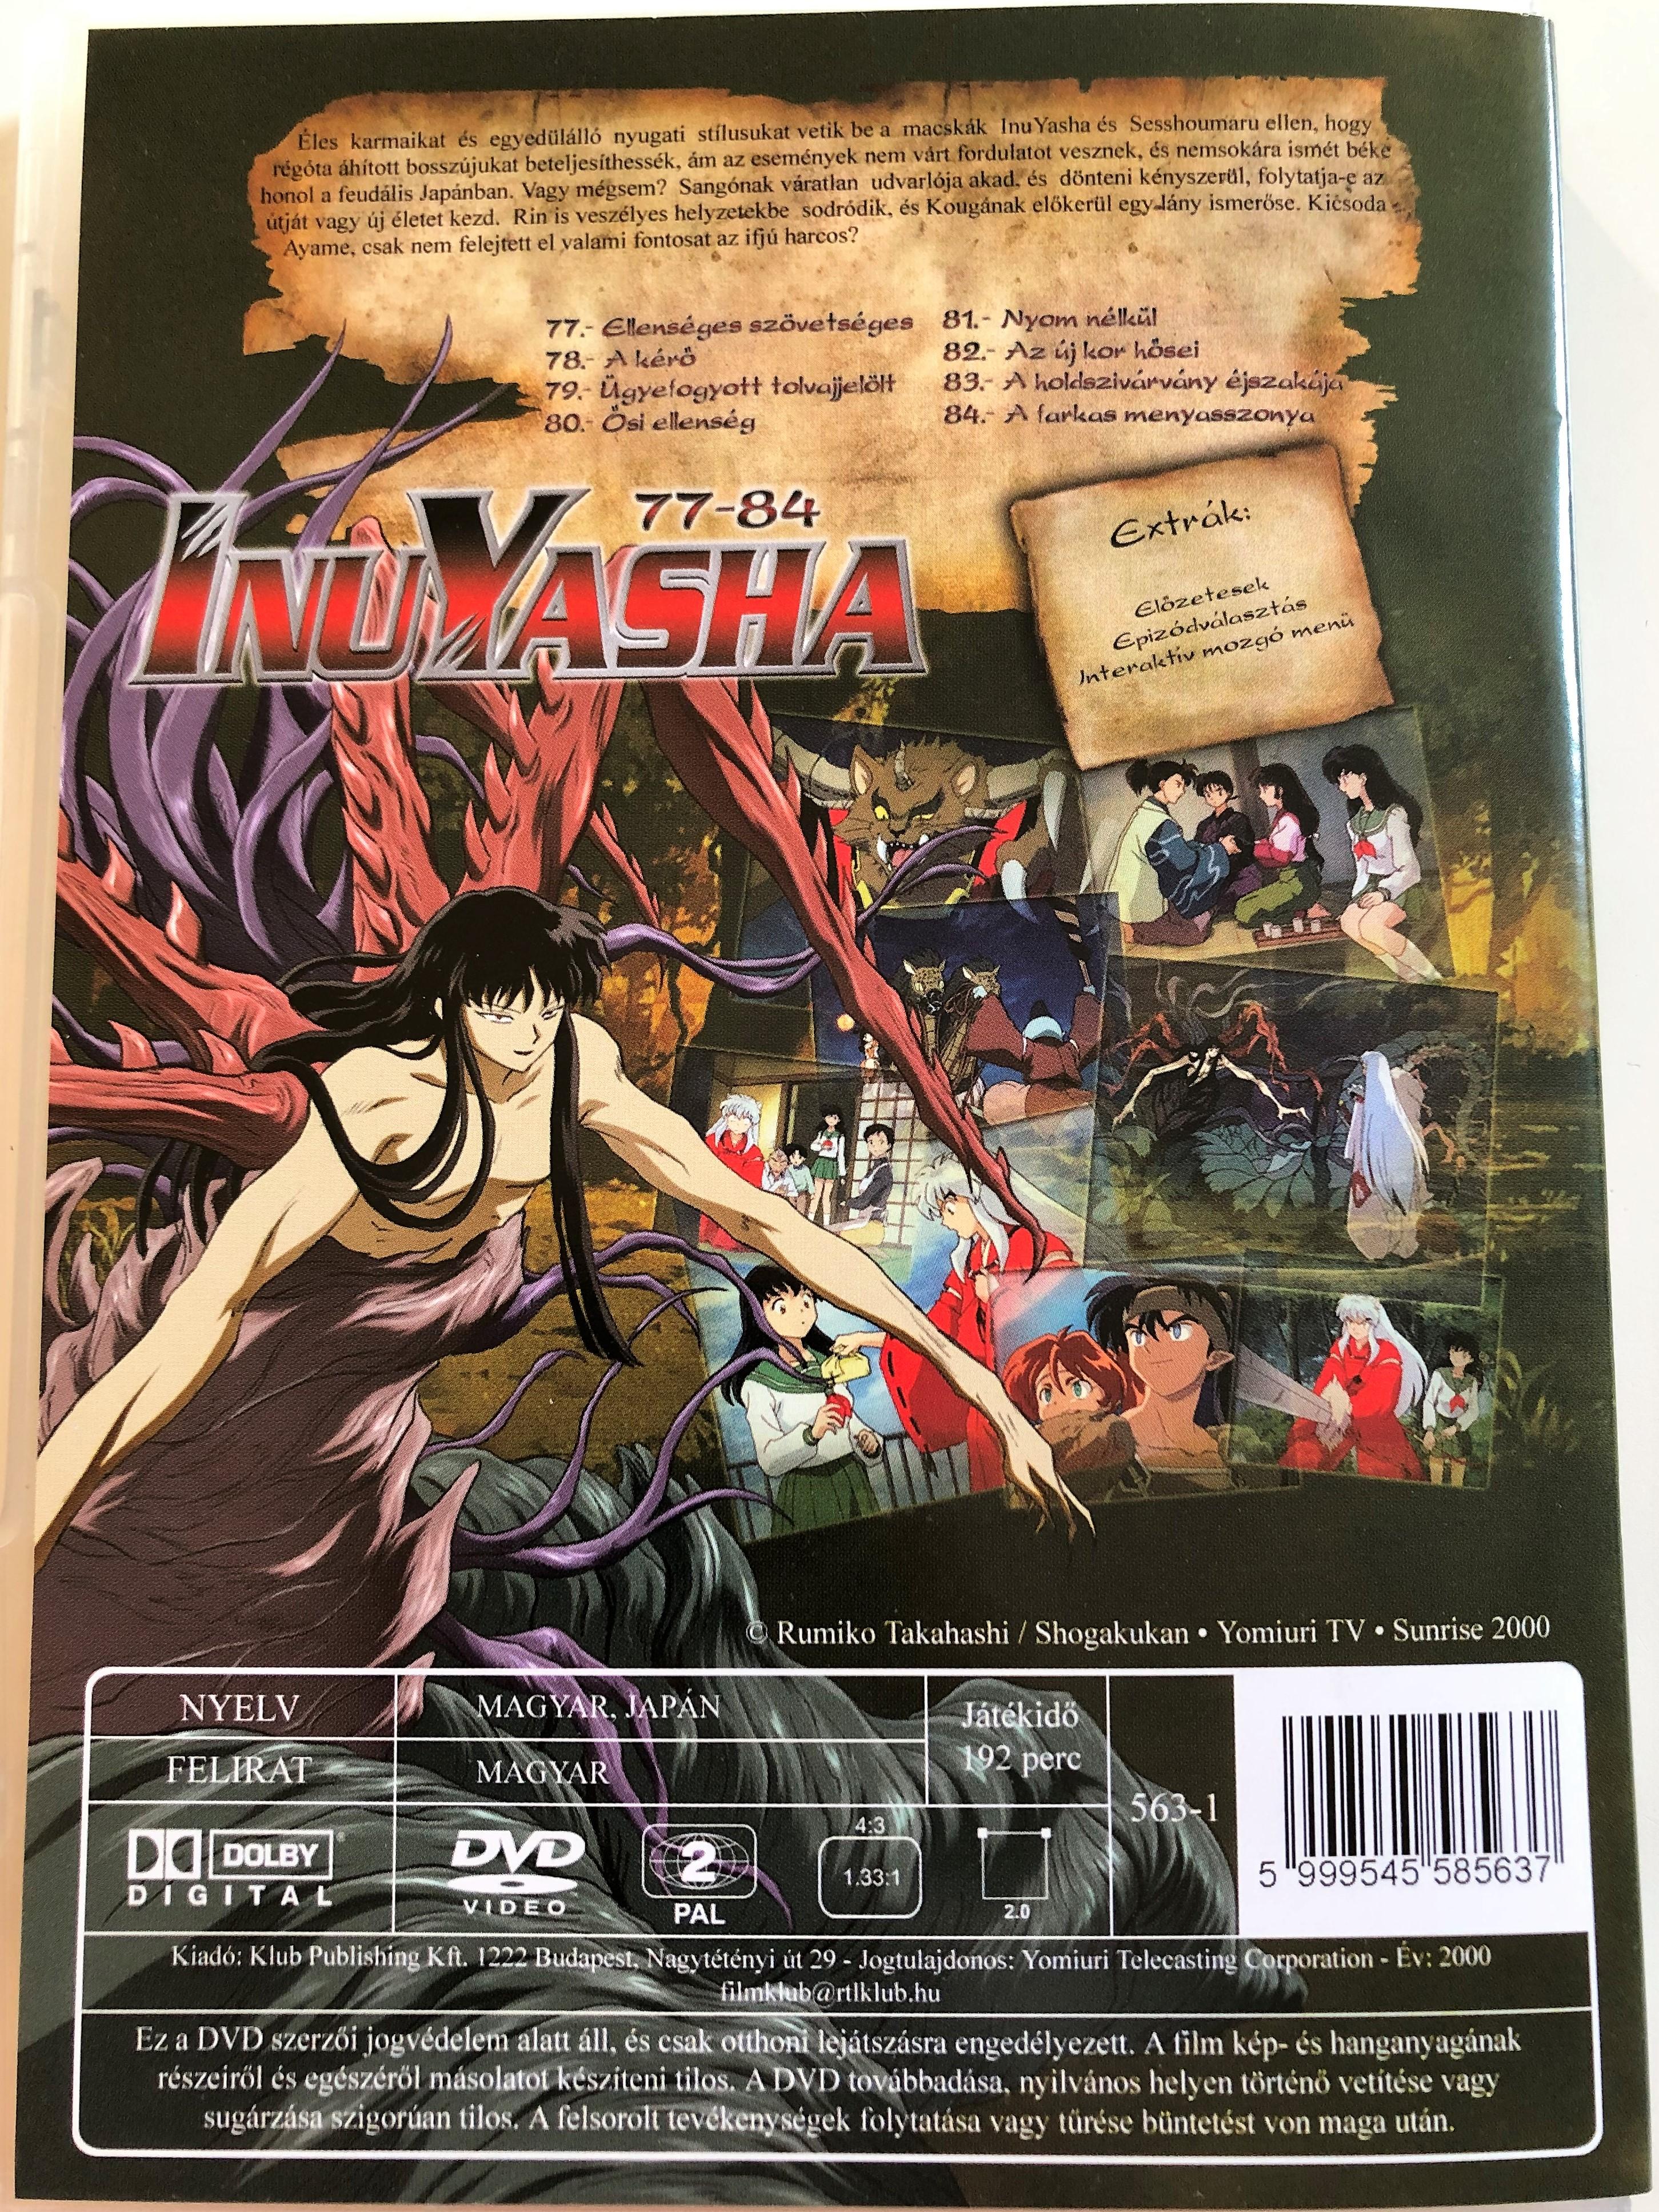 inuyasha-dvd-11-77-84-epiz-dok-inuyasha-dvd-11-episodes-77-84-2-.jpg